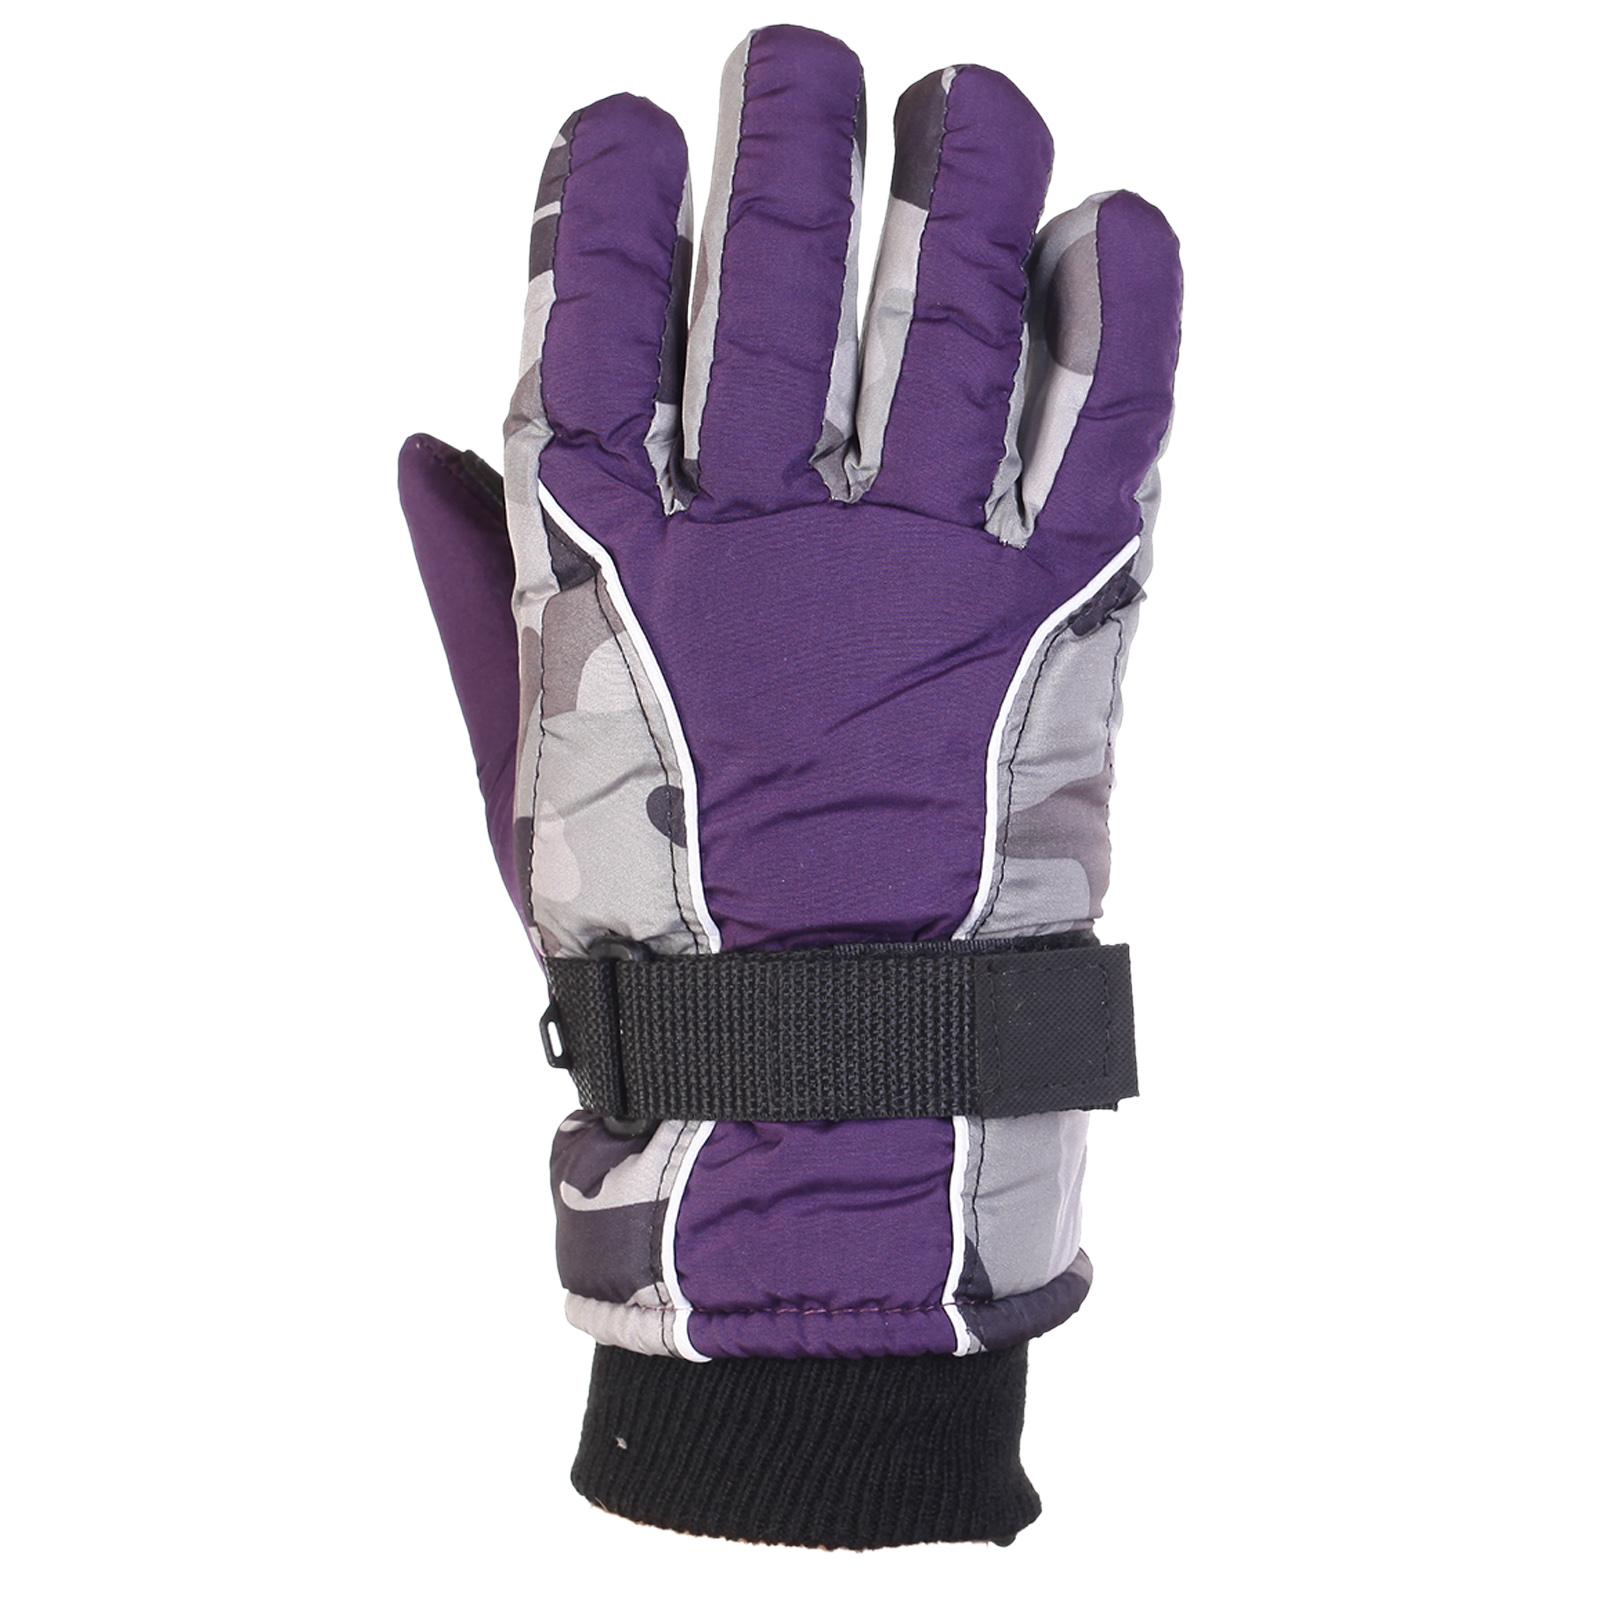 Купить детские перчатки на зиму от бренда Winter Proof